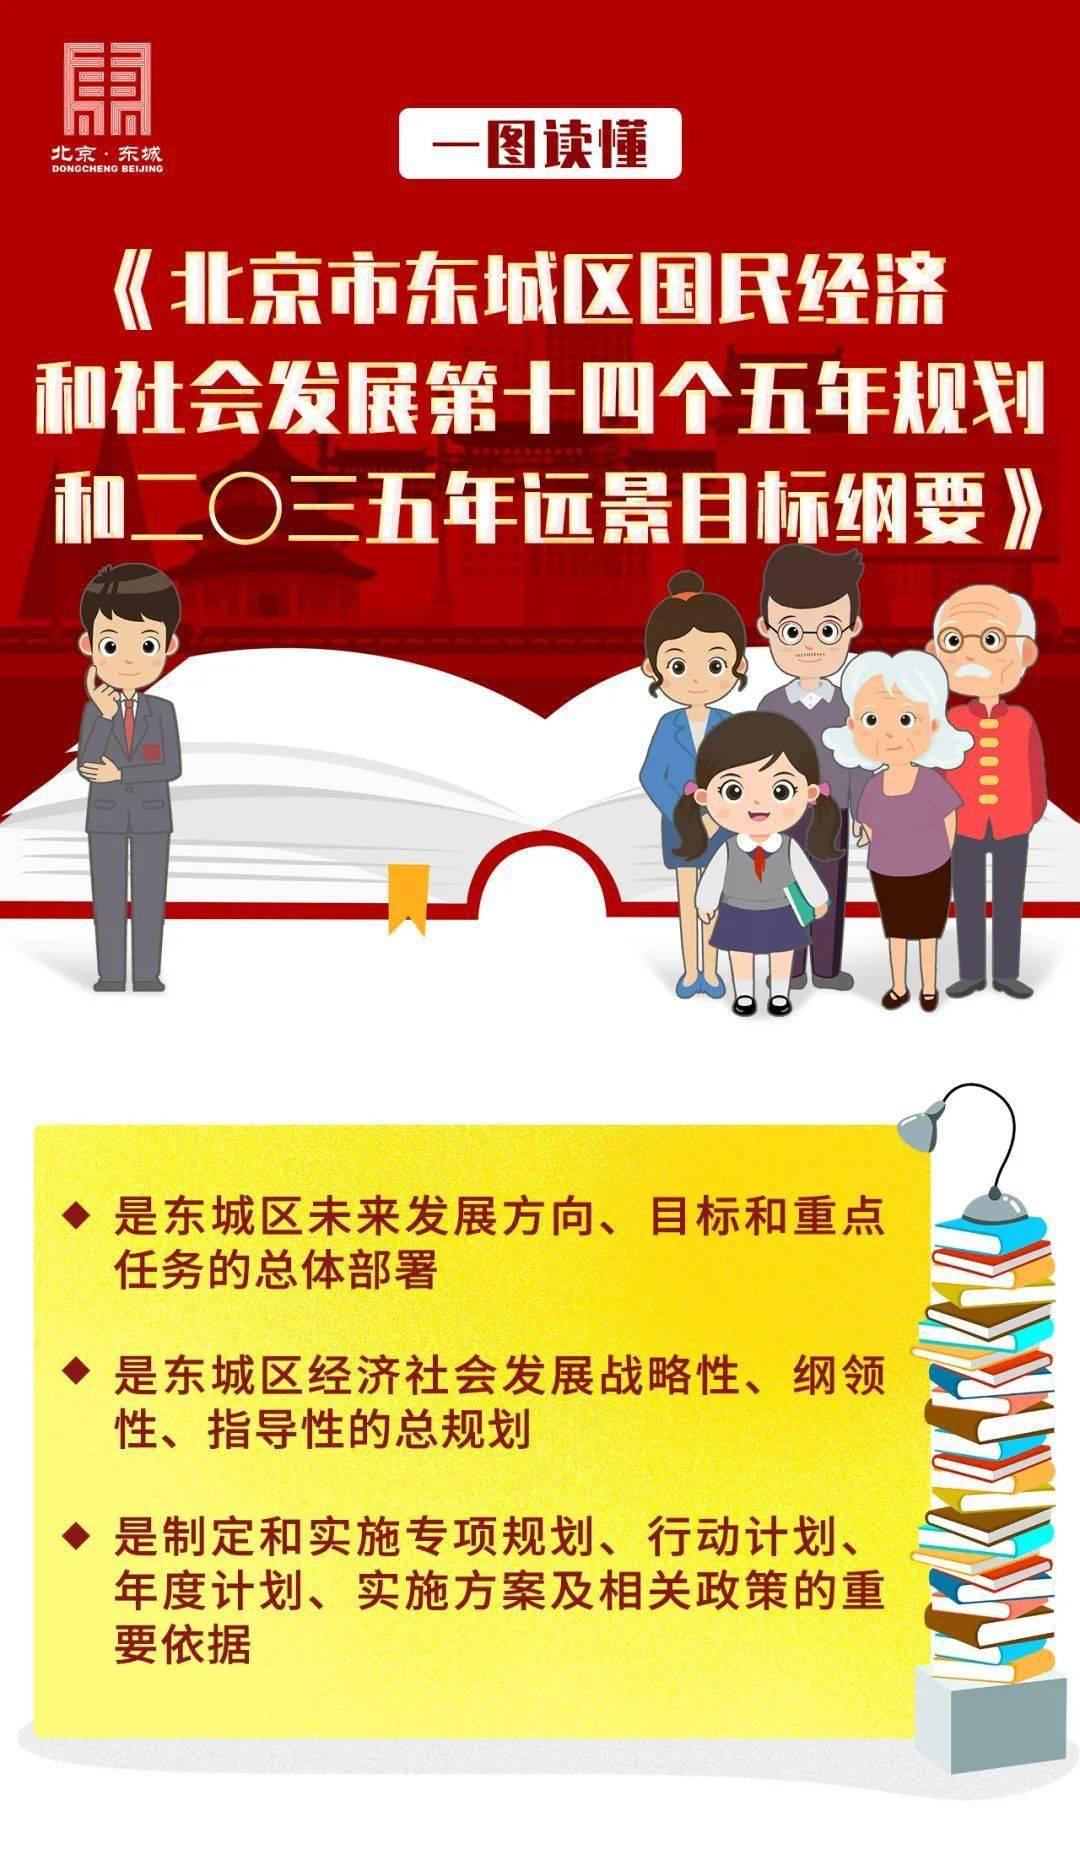 一图读懂《北京市东城区国民经济和社会发展第十四个五年规划和二〇三五年远景目标纲要》